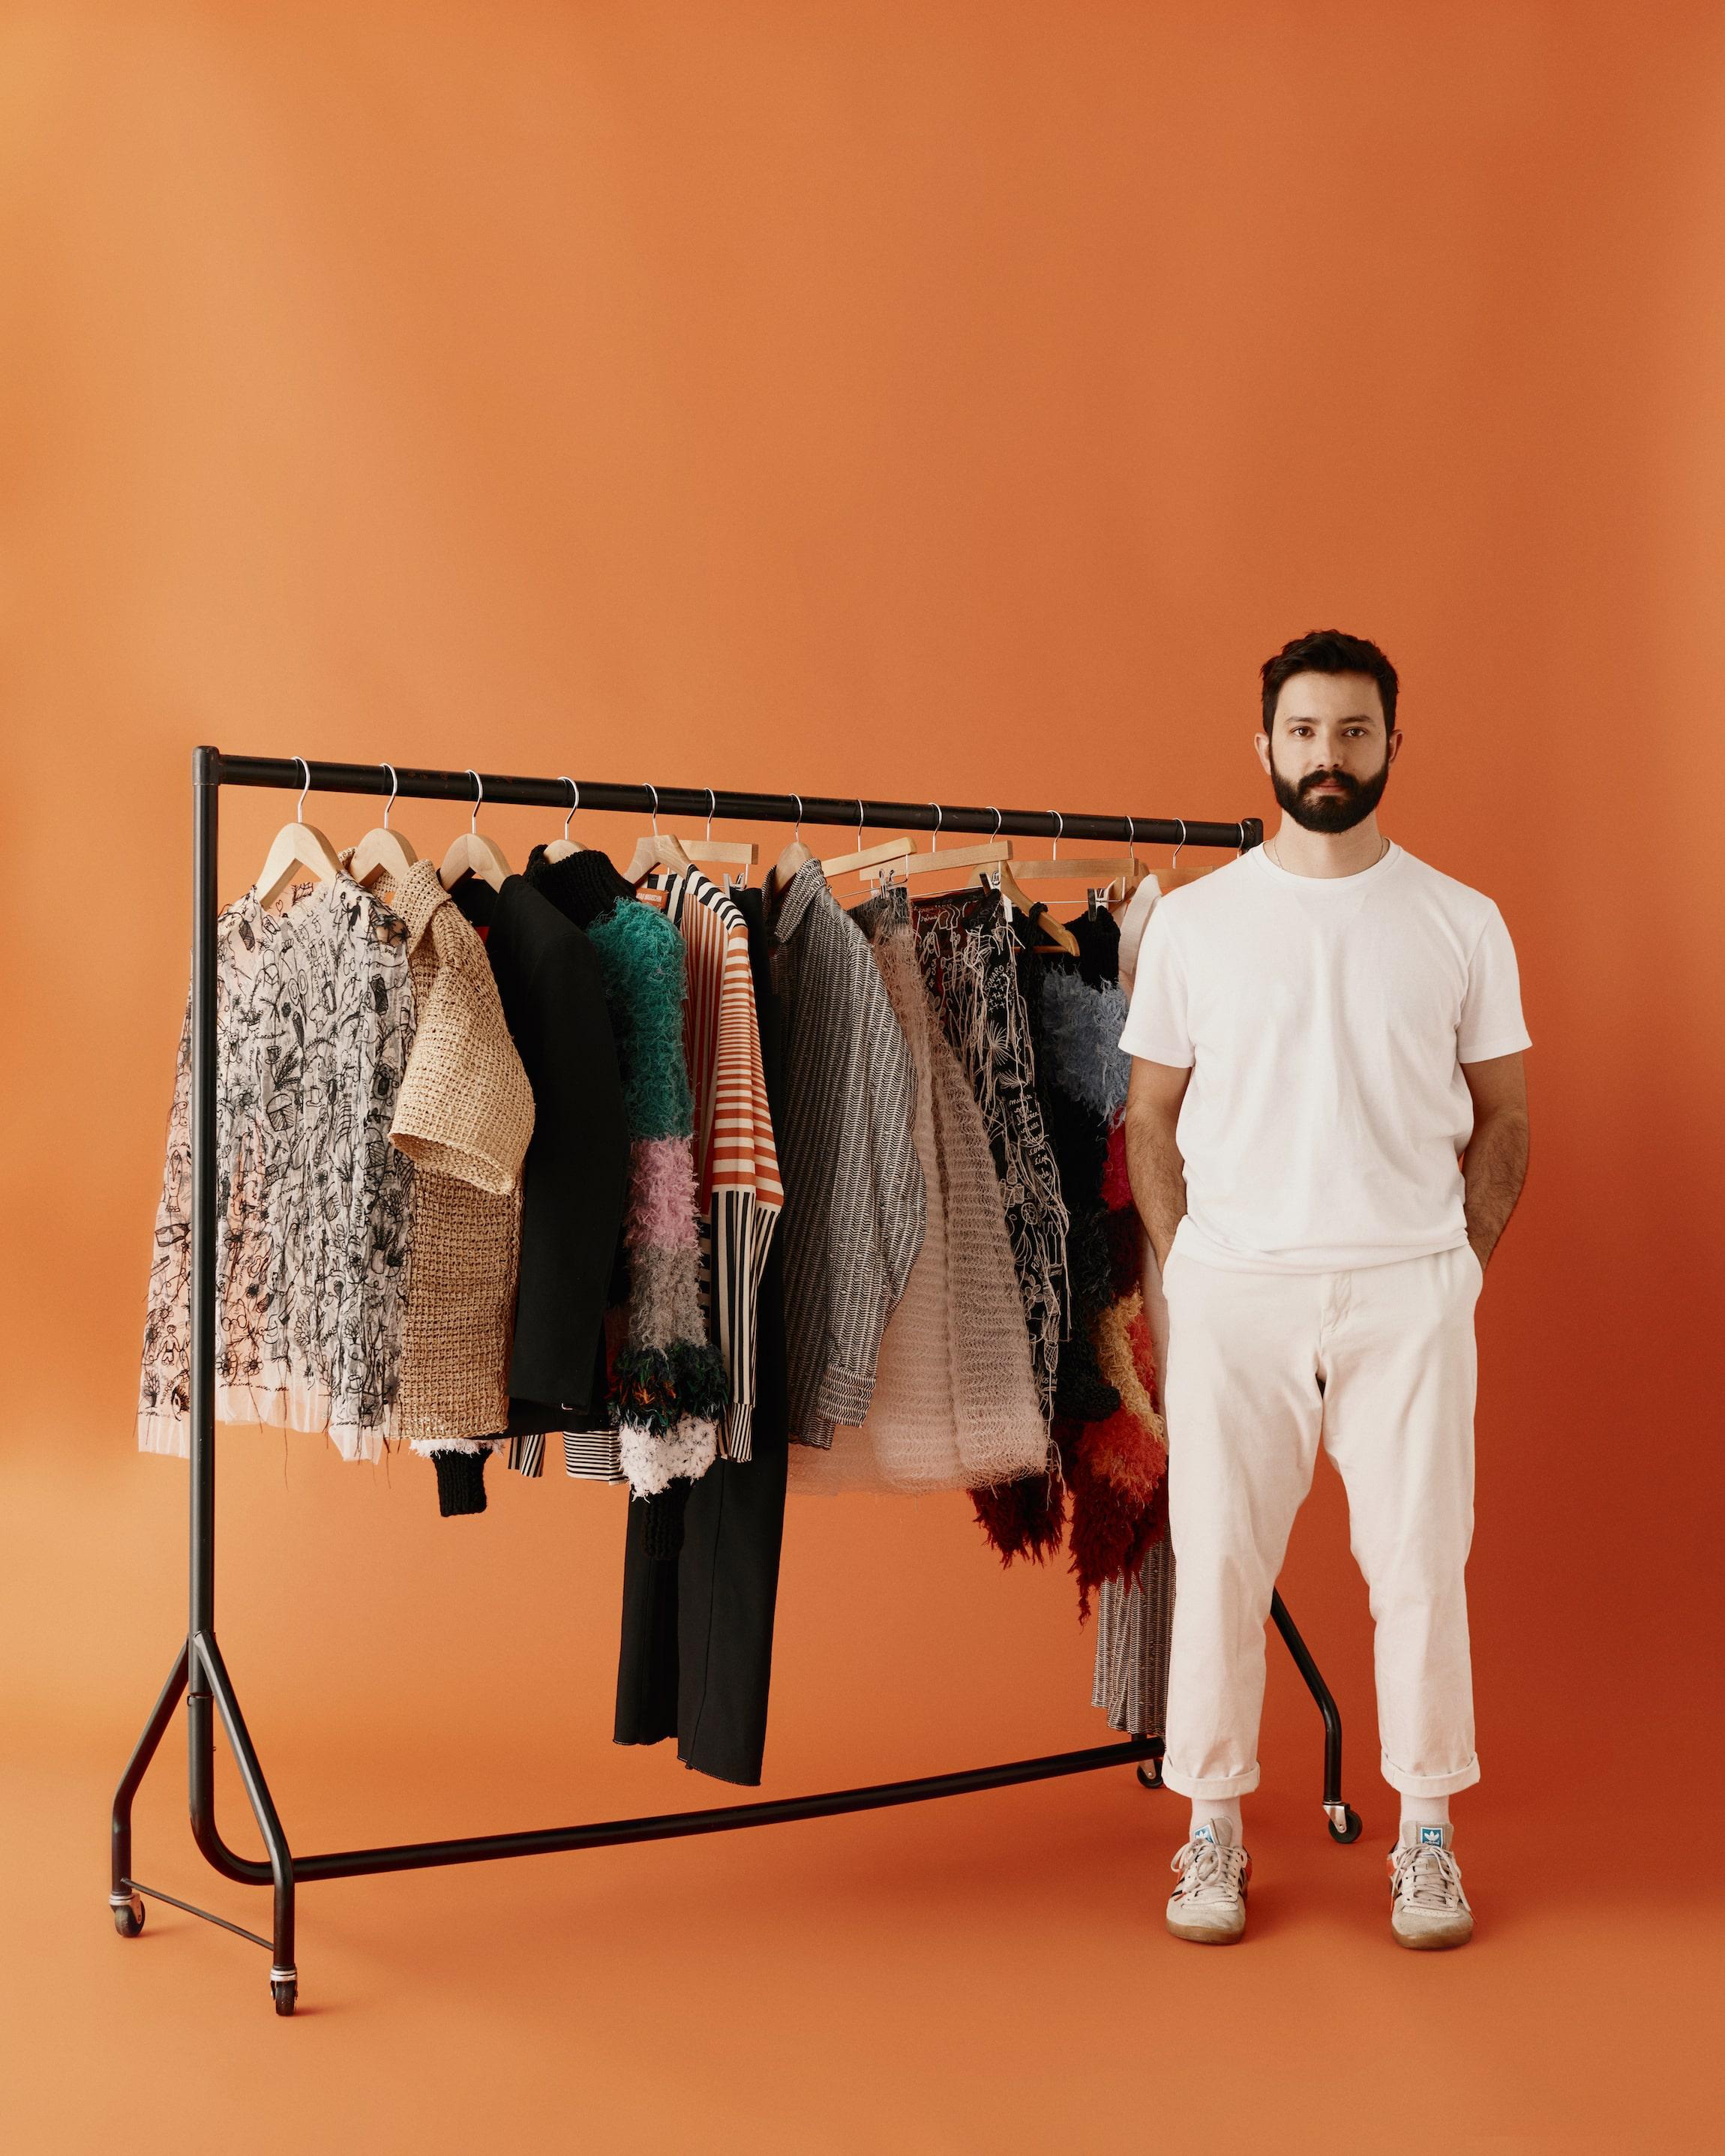 Designer de moda João Maraschin